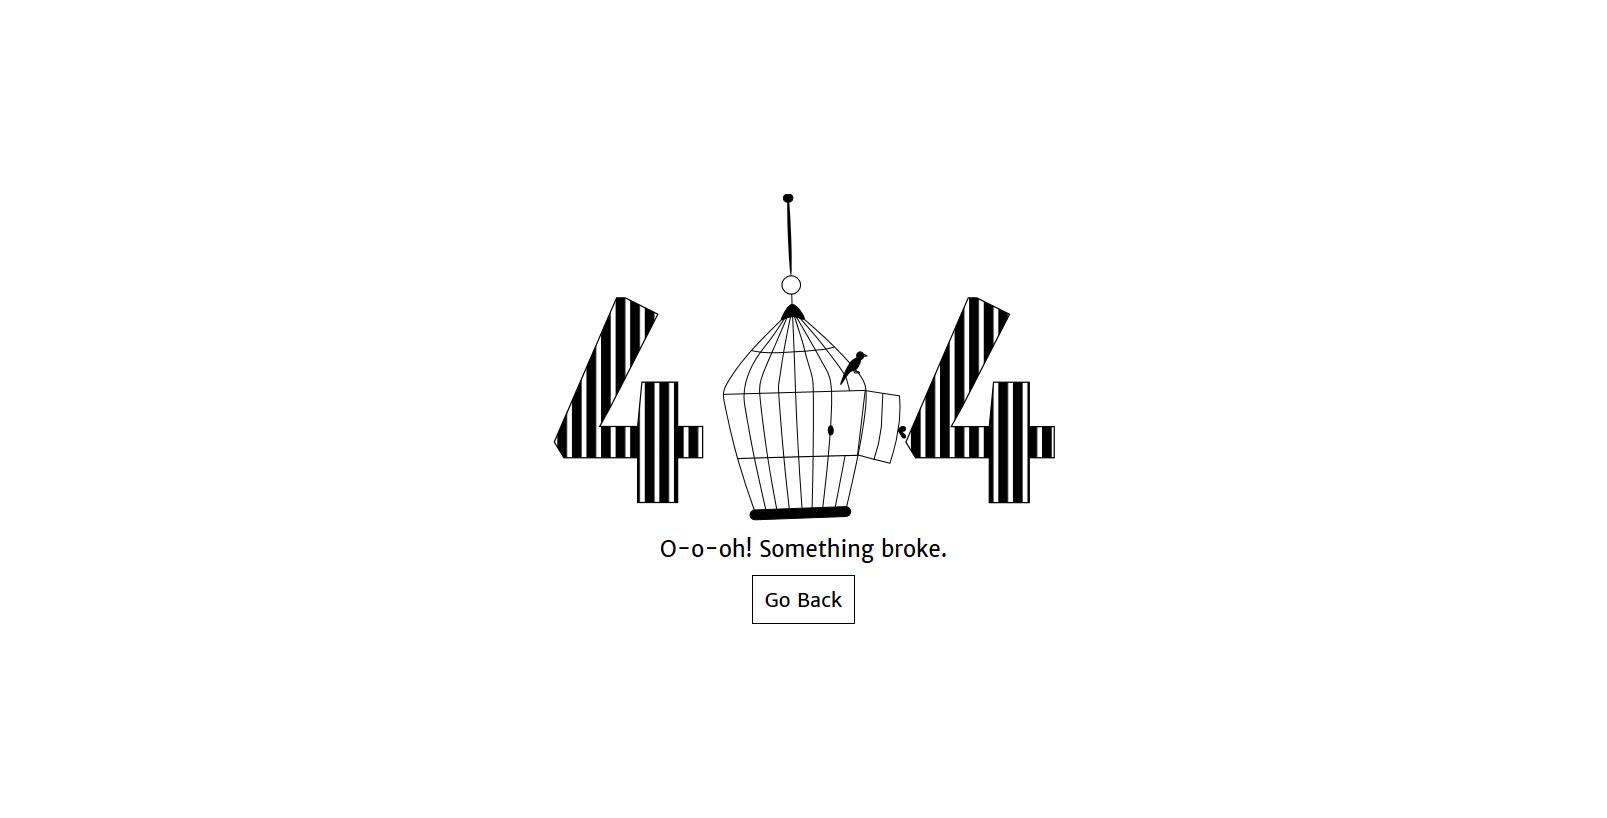 黑白色抽象艺术鸟笼摆动动画效果404错误页html网页模板